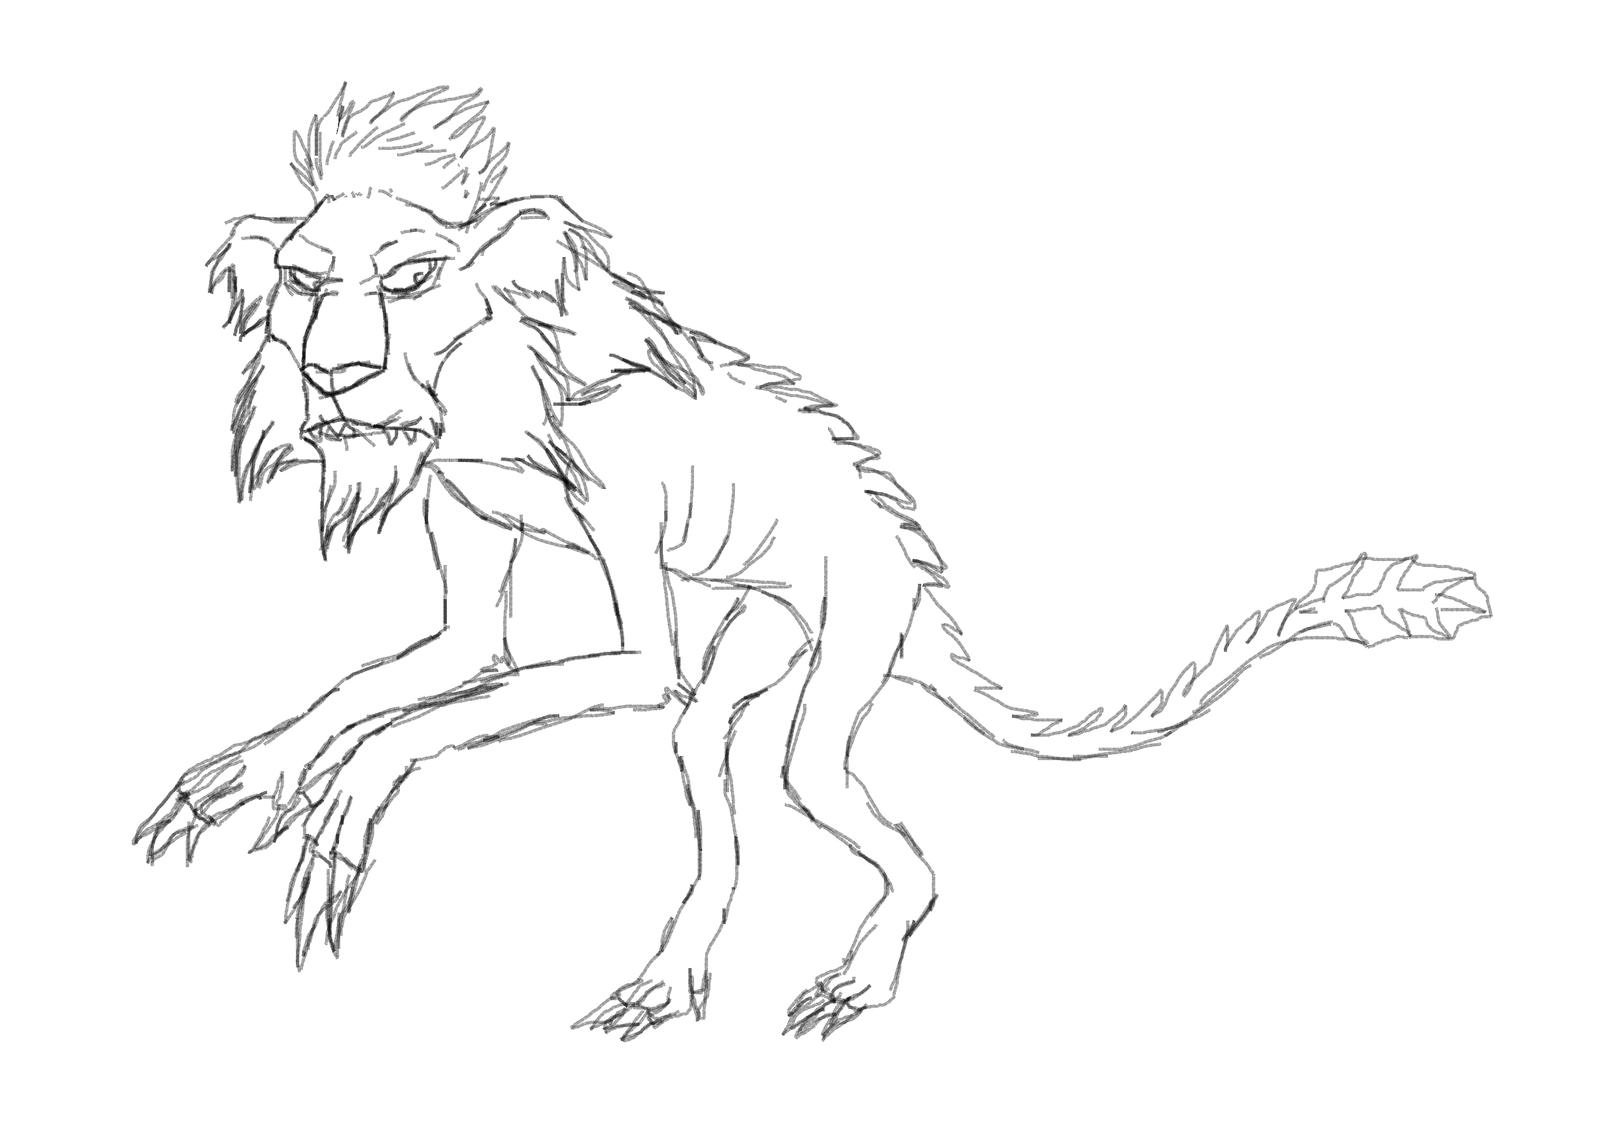 Antlion doodle by Redspets